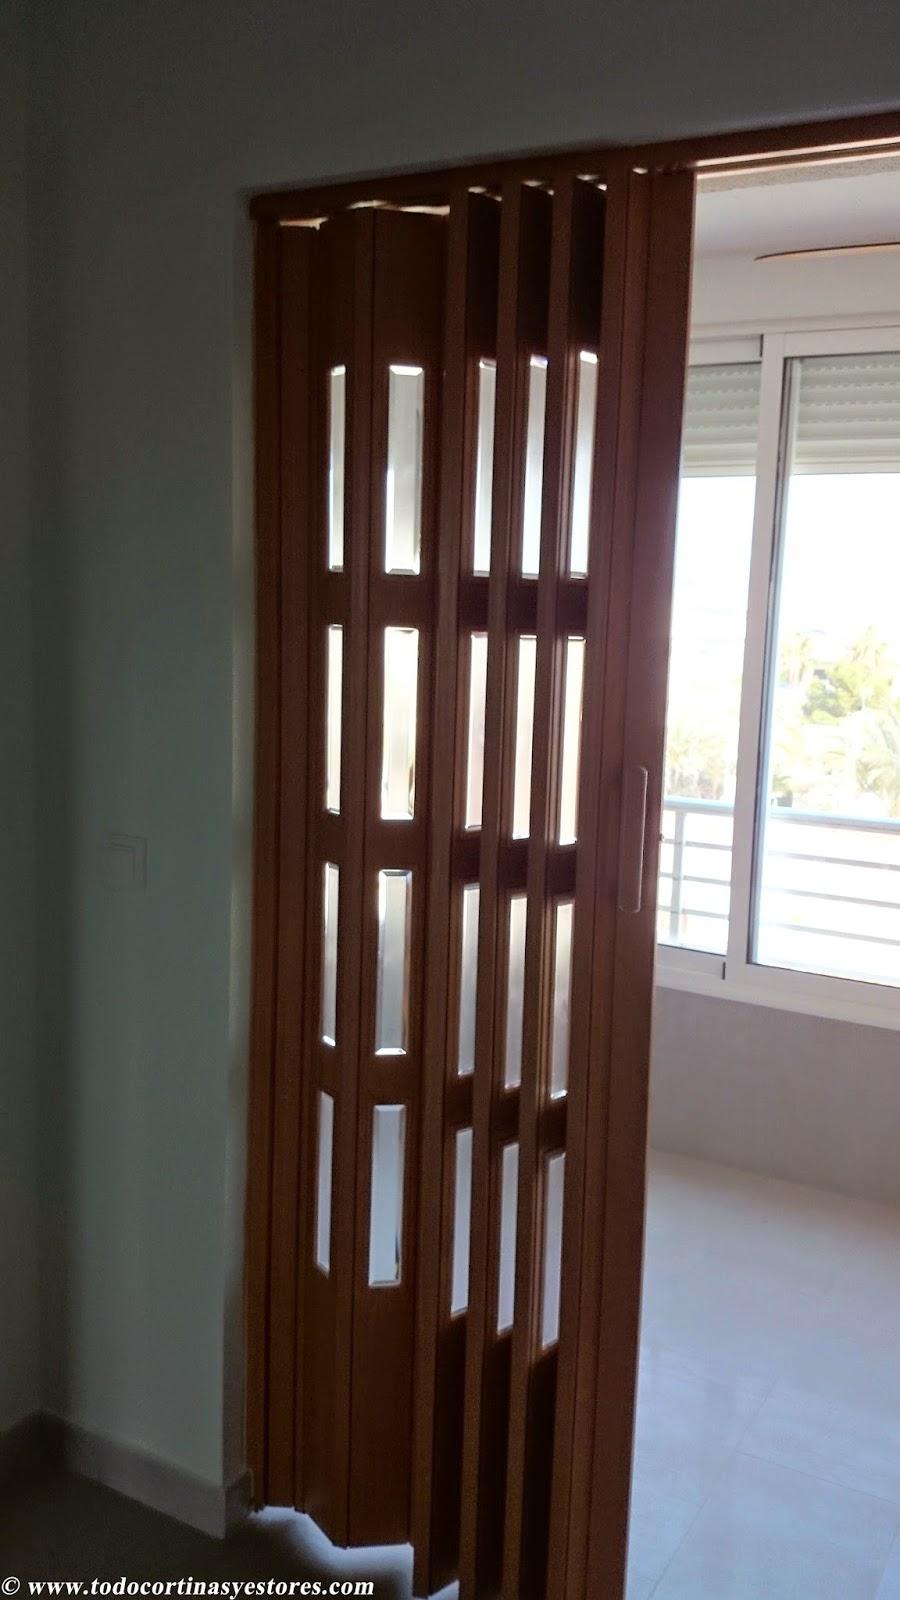 Decoracion interior cortinas verticales estores - Puertas de madera plegables ...